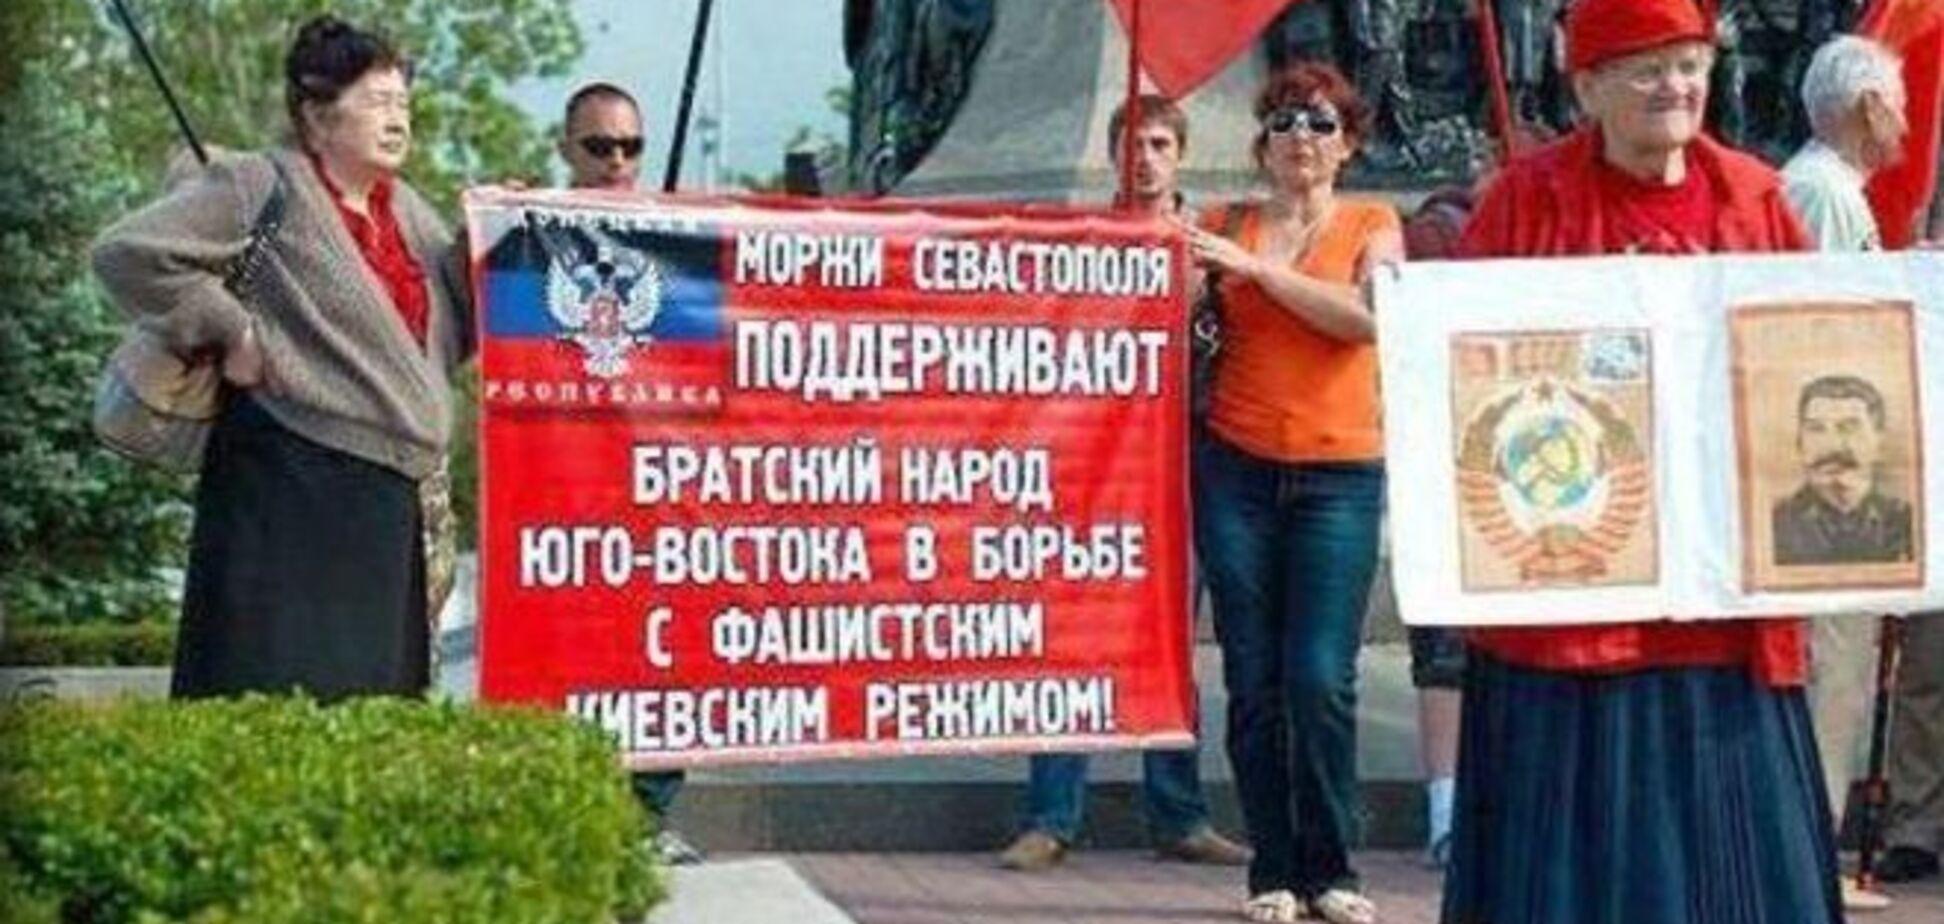 'Отморозились': моржи Севастополя поддержали 'ДНР' в 'борьбе с фашистами'